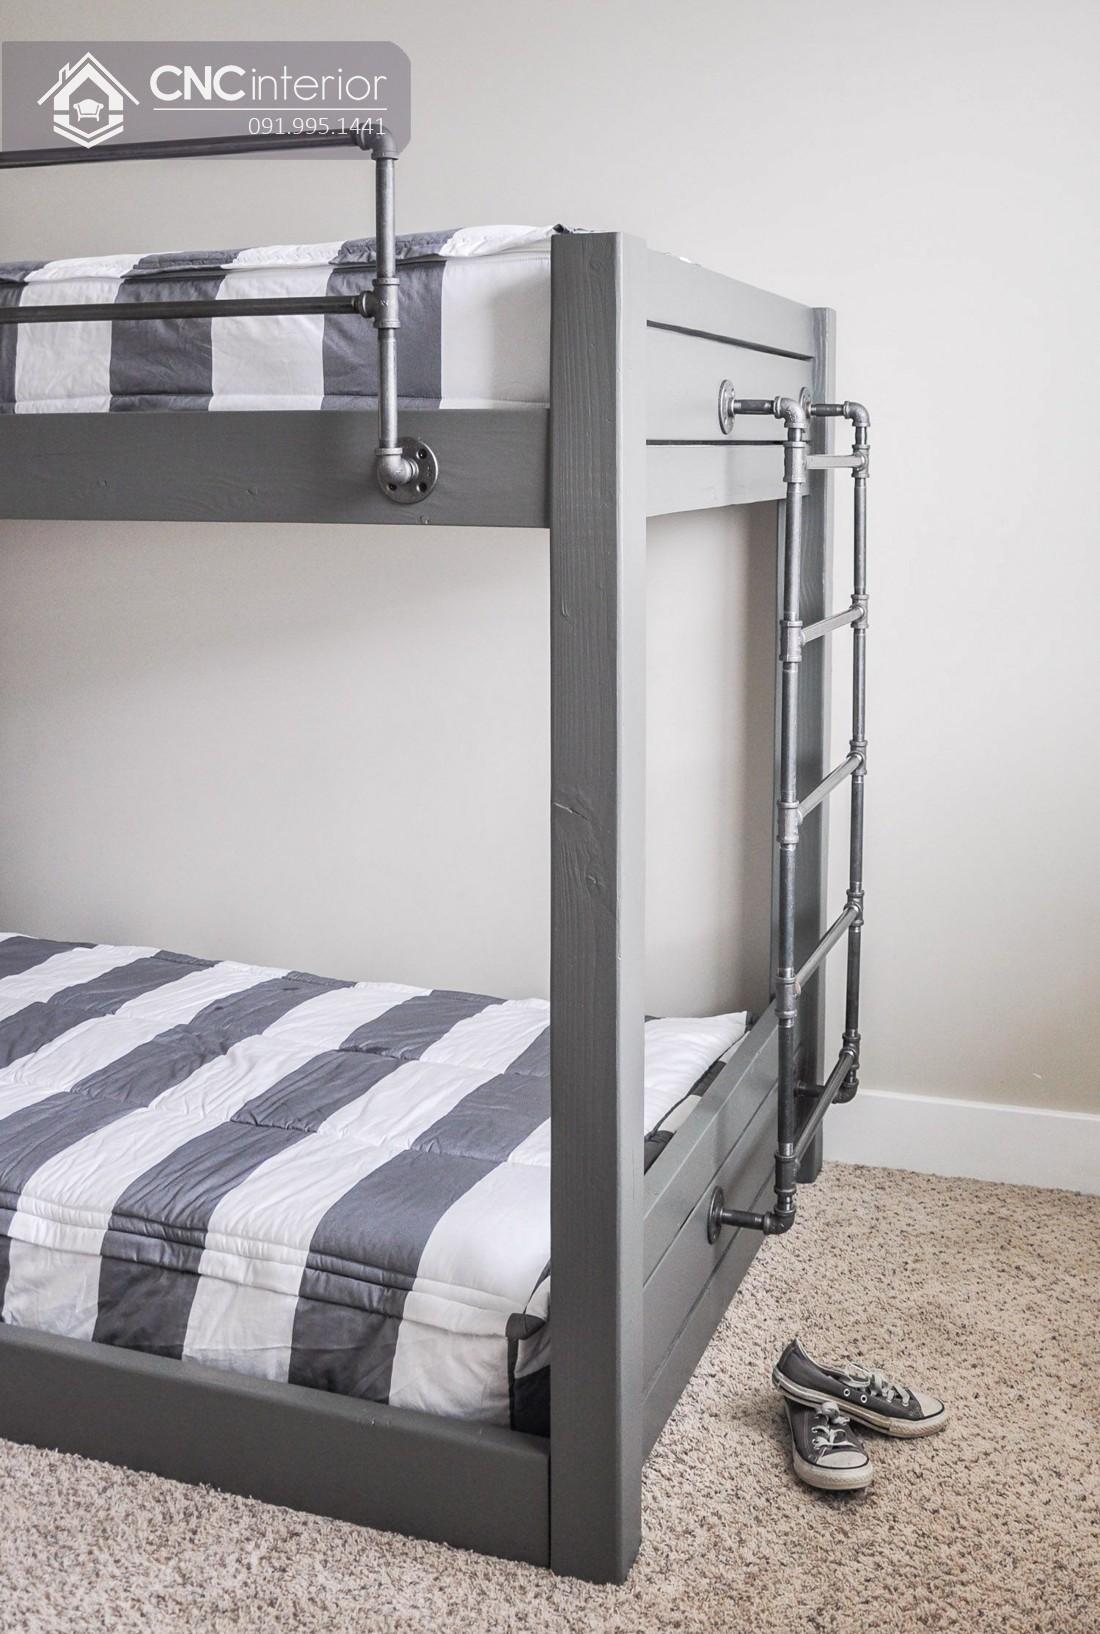 Mẫu giường tầng cho người lớn CNC 04